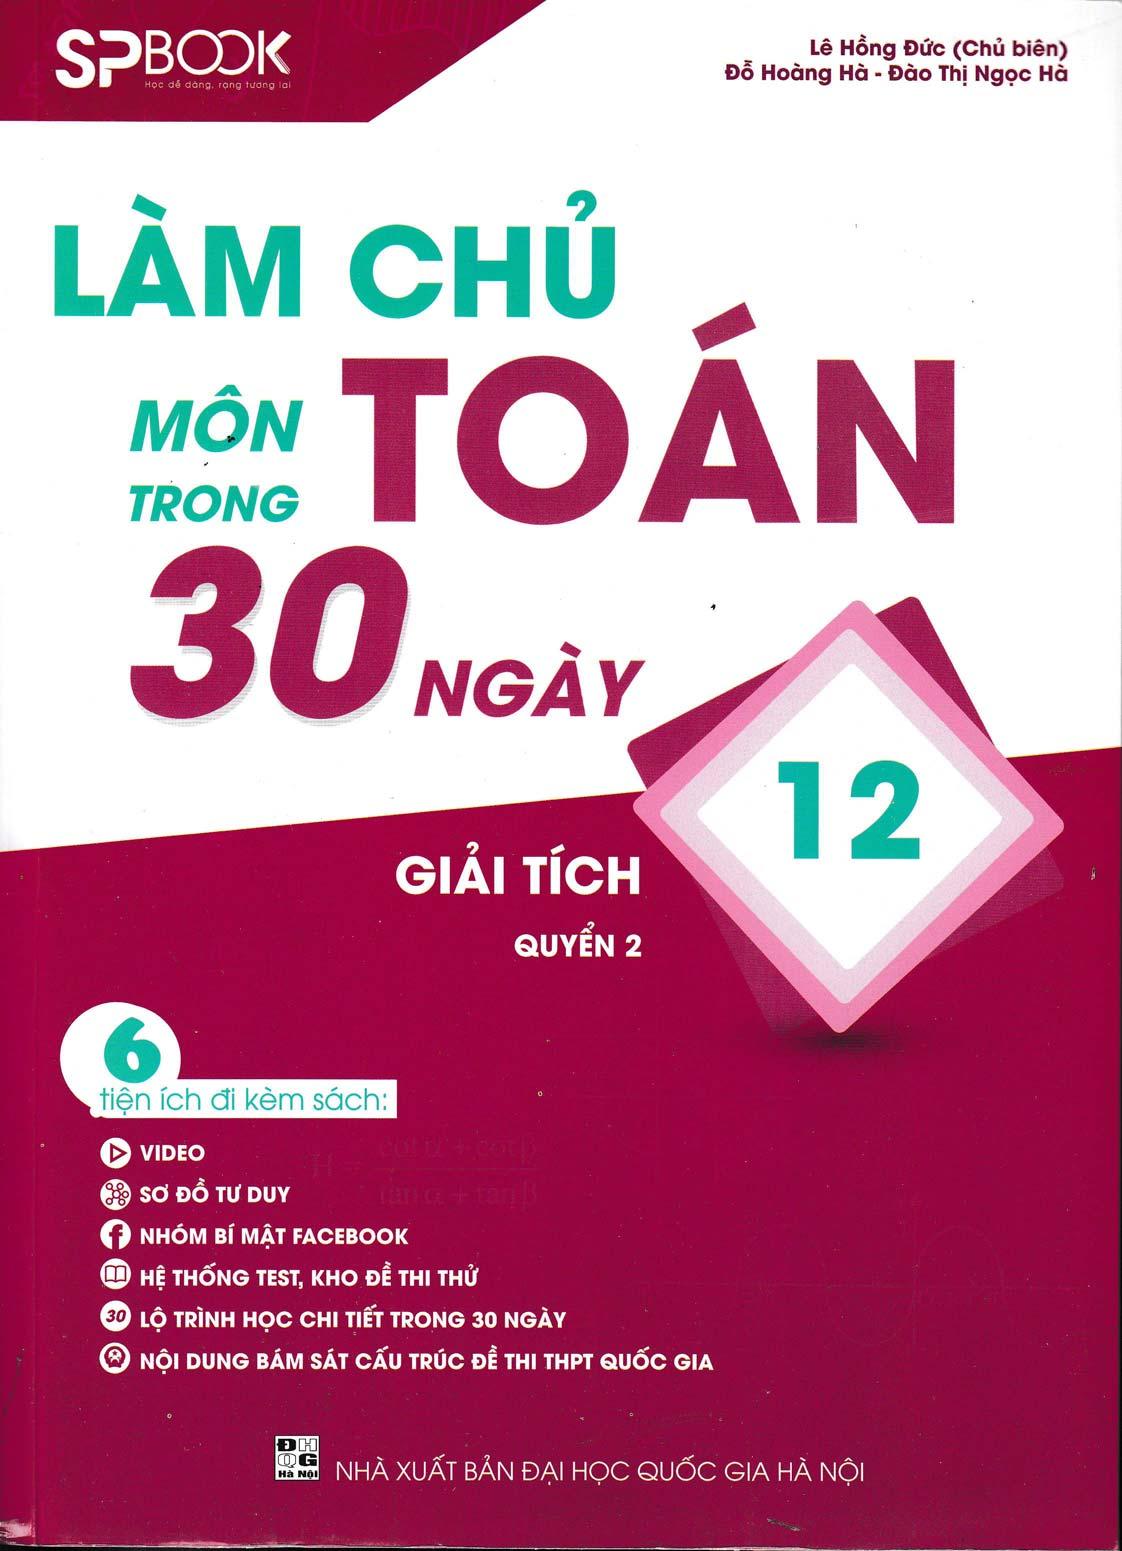 Làm Chủ Môn Toán Trong 30 Ngày Giải Tích 12 - Quyển 2 - EBOOK/PDF/PRC/EPUB